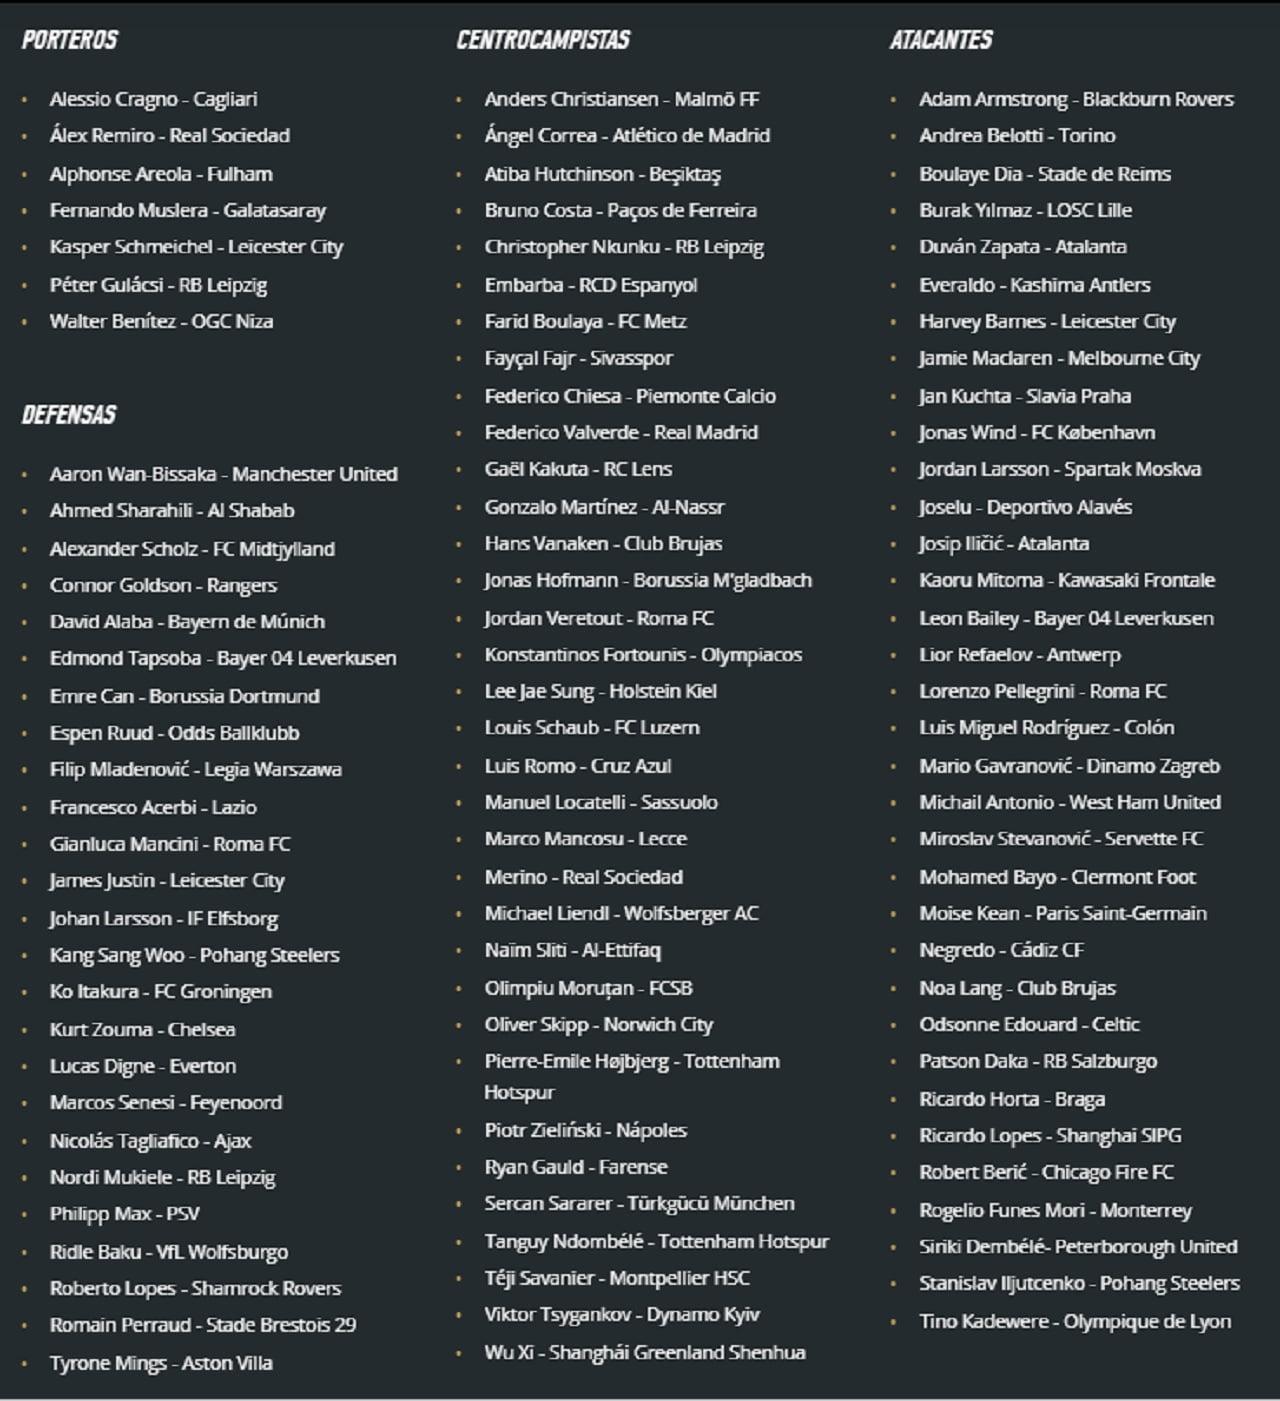 Nominados TOTS de la Comunidad FIFA 21